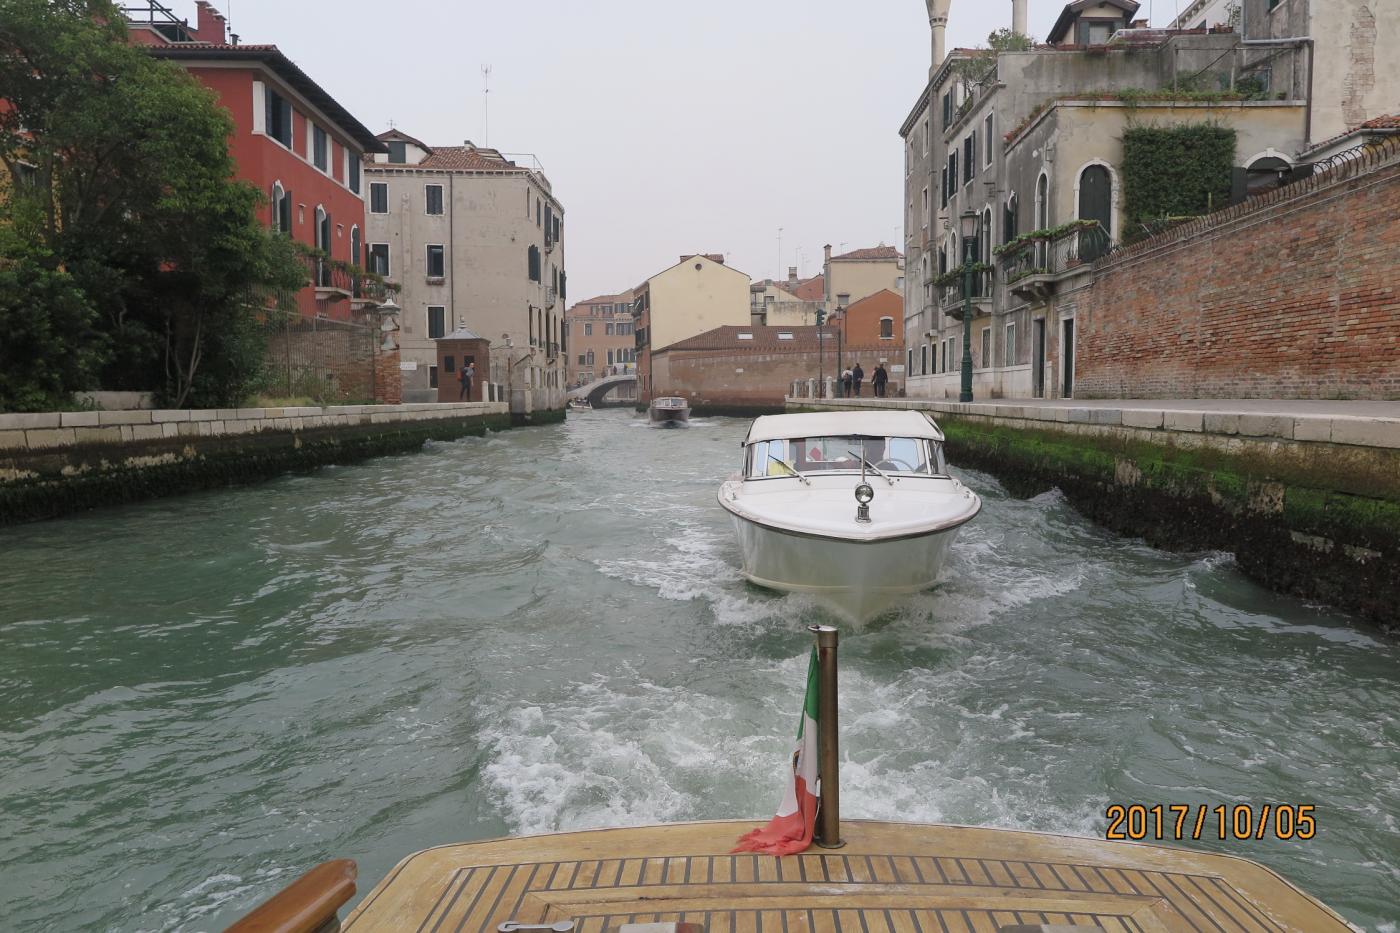 水乡威尼斯:无限的魅力永久的回忆_图1-50